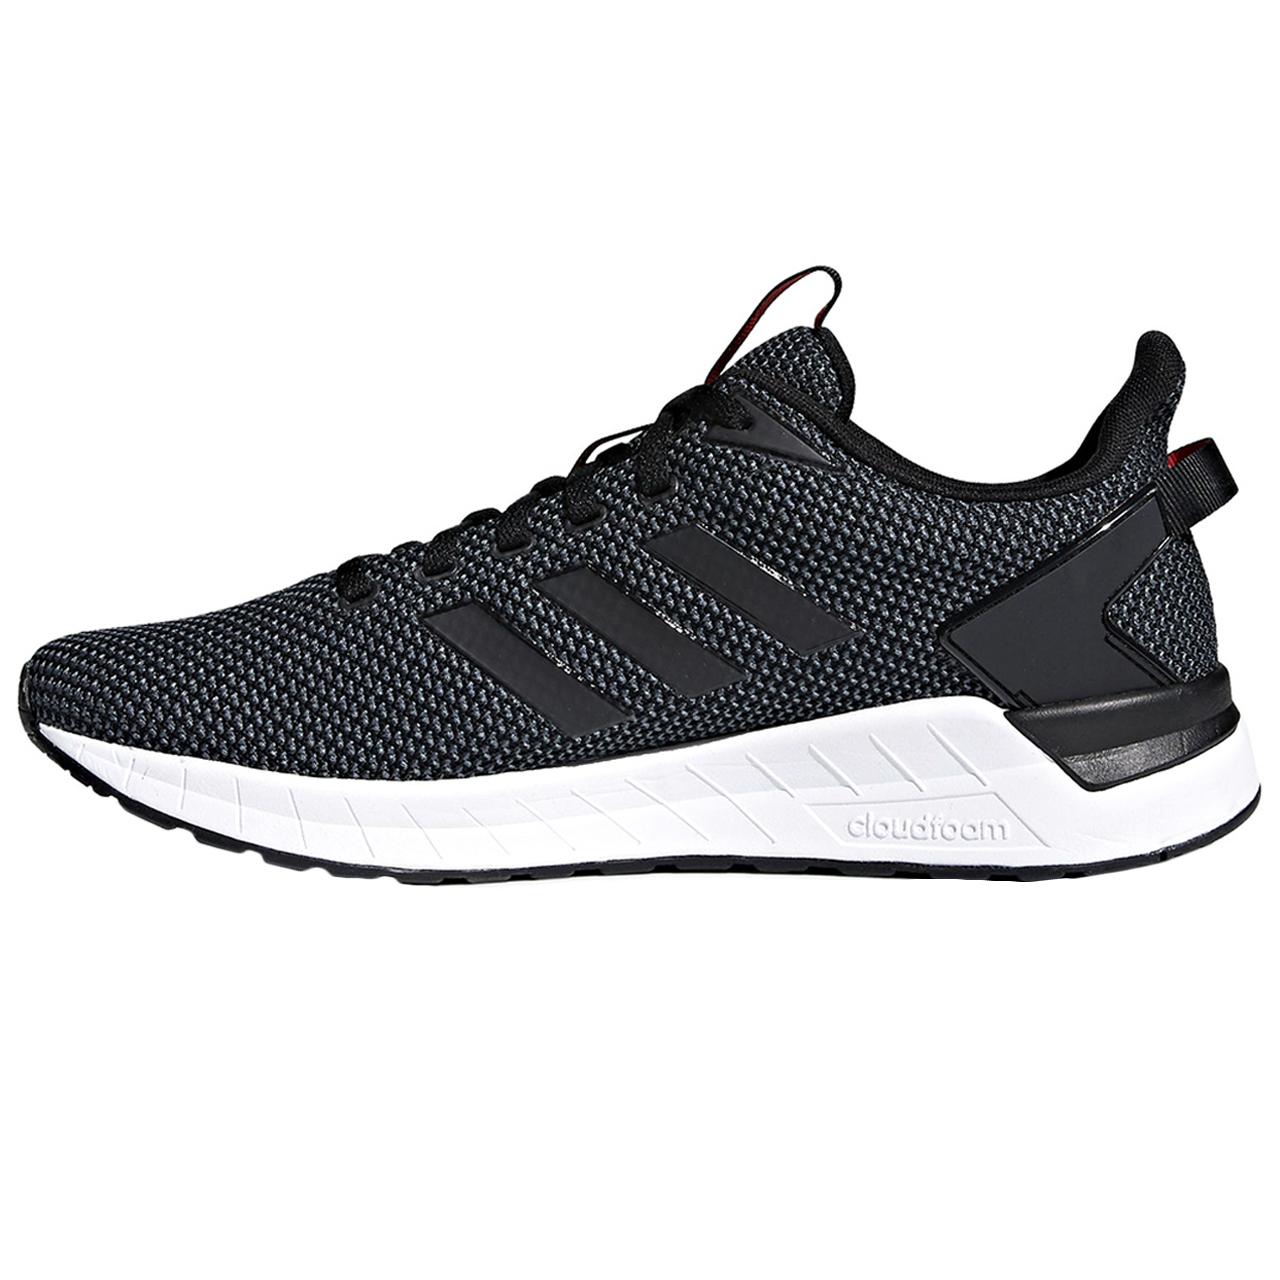 خرید                       کفش راحتی مردانه آدیداس مدل Questar Ride کد 980244              👟